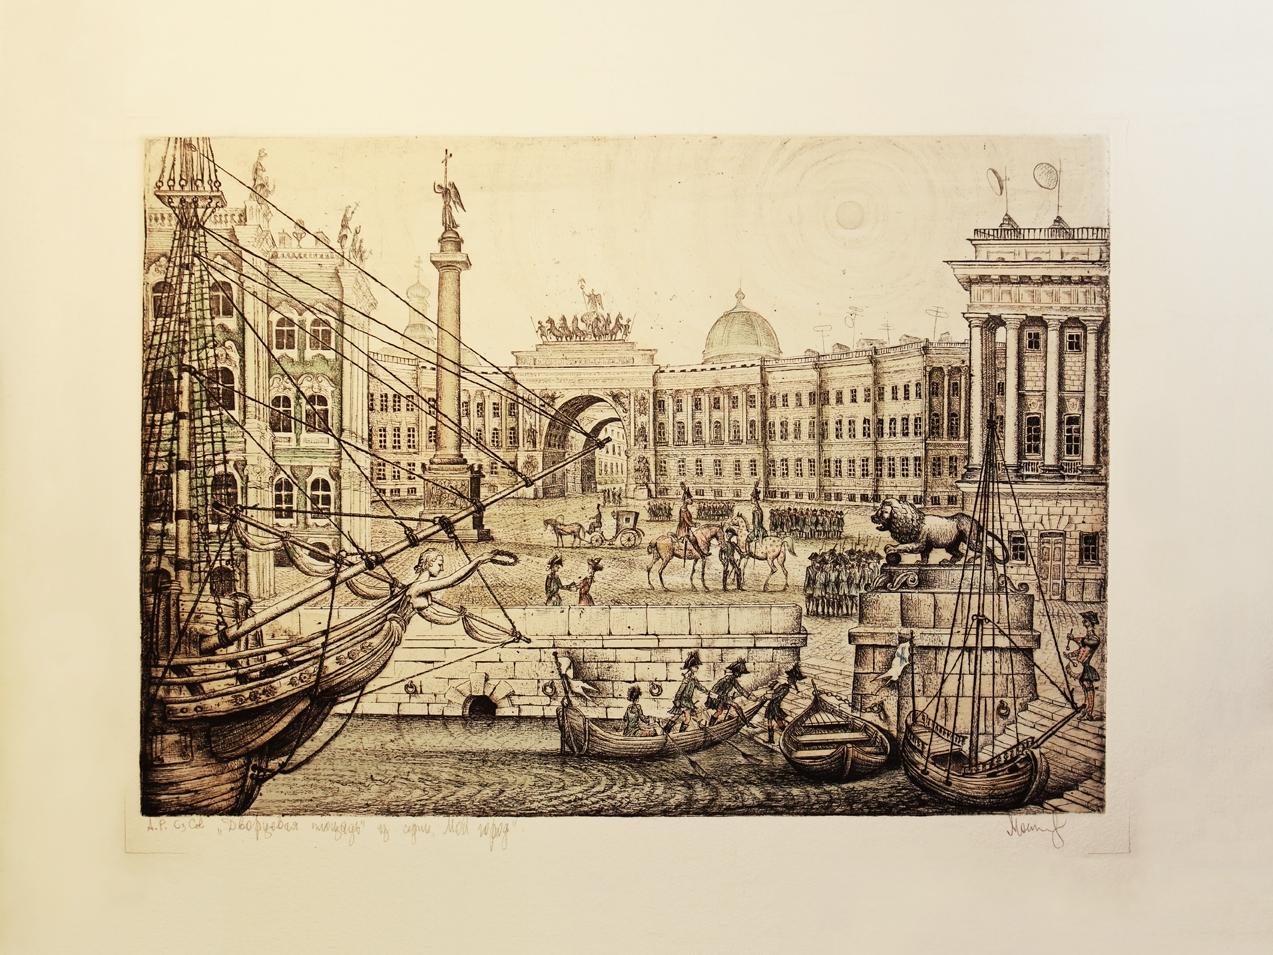 Вид Дворцовой площади со стороны реки Невы в конце XIX века. Раскрашенный офорт, 2013 год.